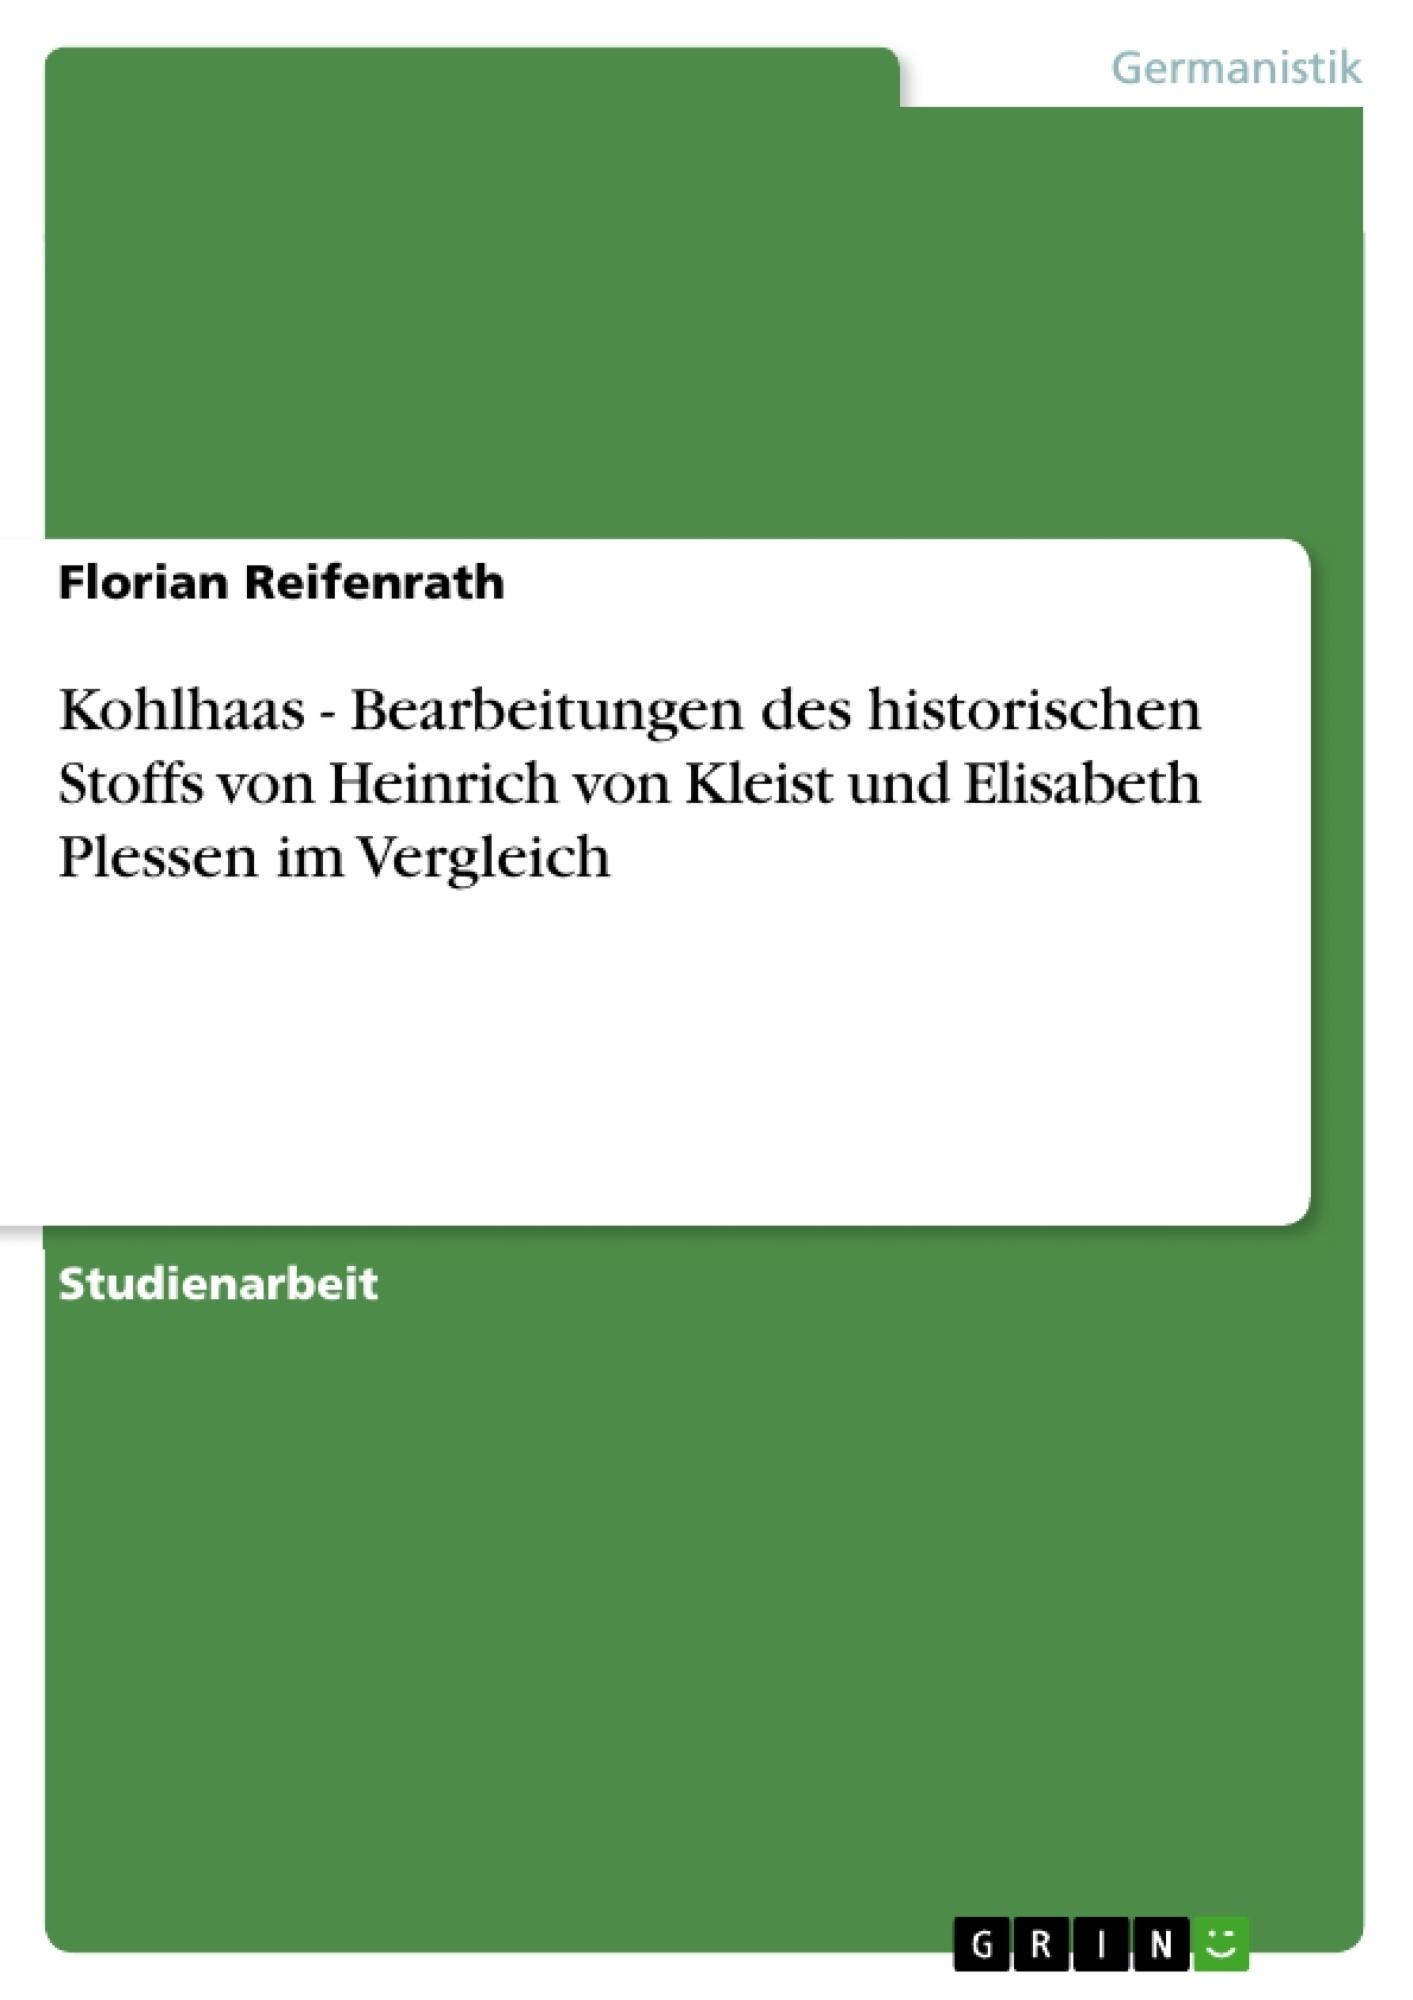 Titel: Kohlhaas - Bearbeitungen des historischen Stoffs von Heinrich von Kleist und Elisabeth Plessen im Vergleich